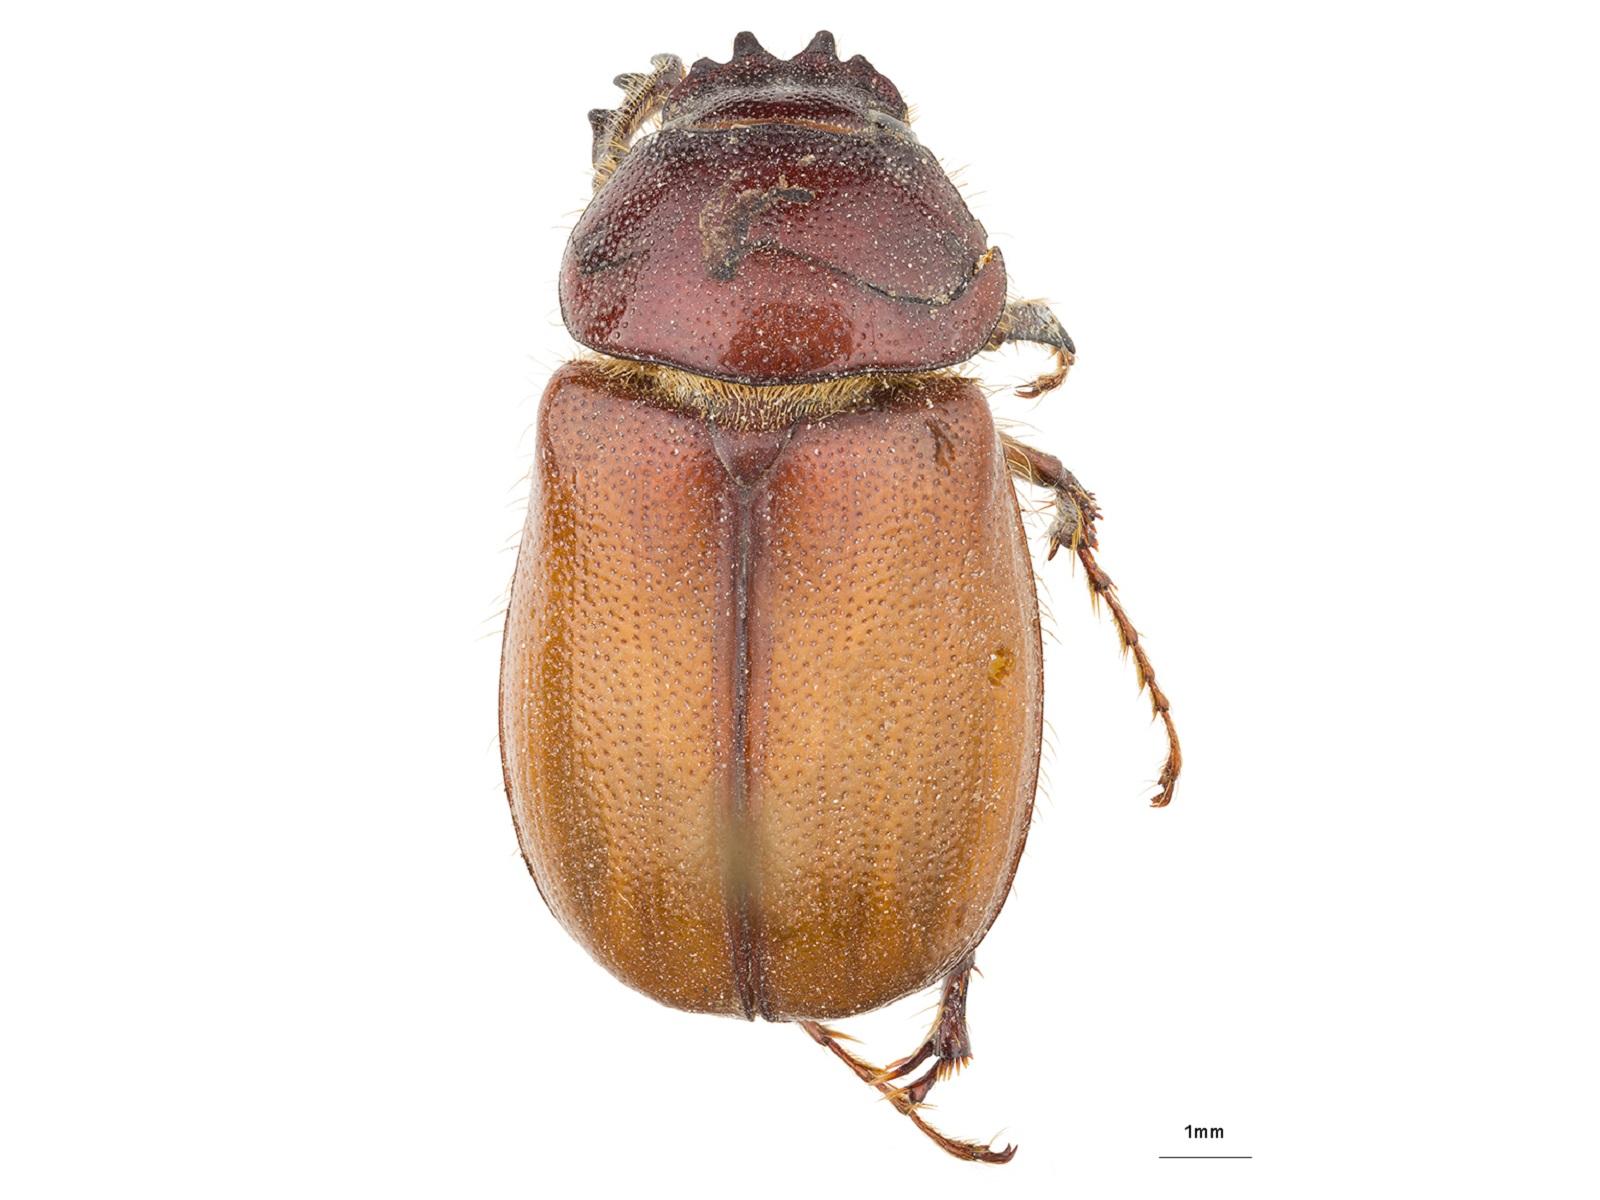 Liogenys quadridens (Fabricius, 1798)